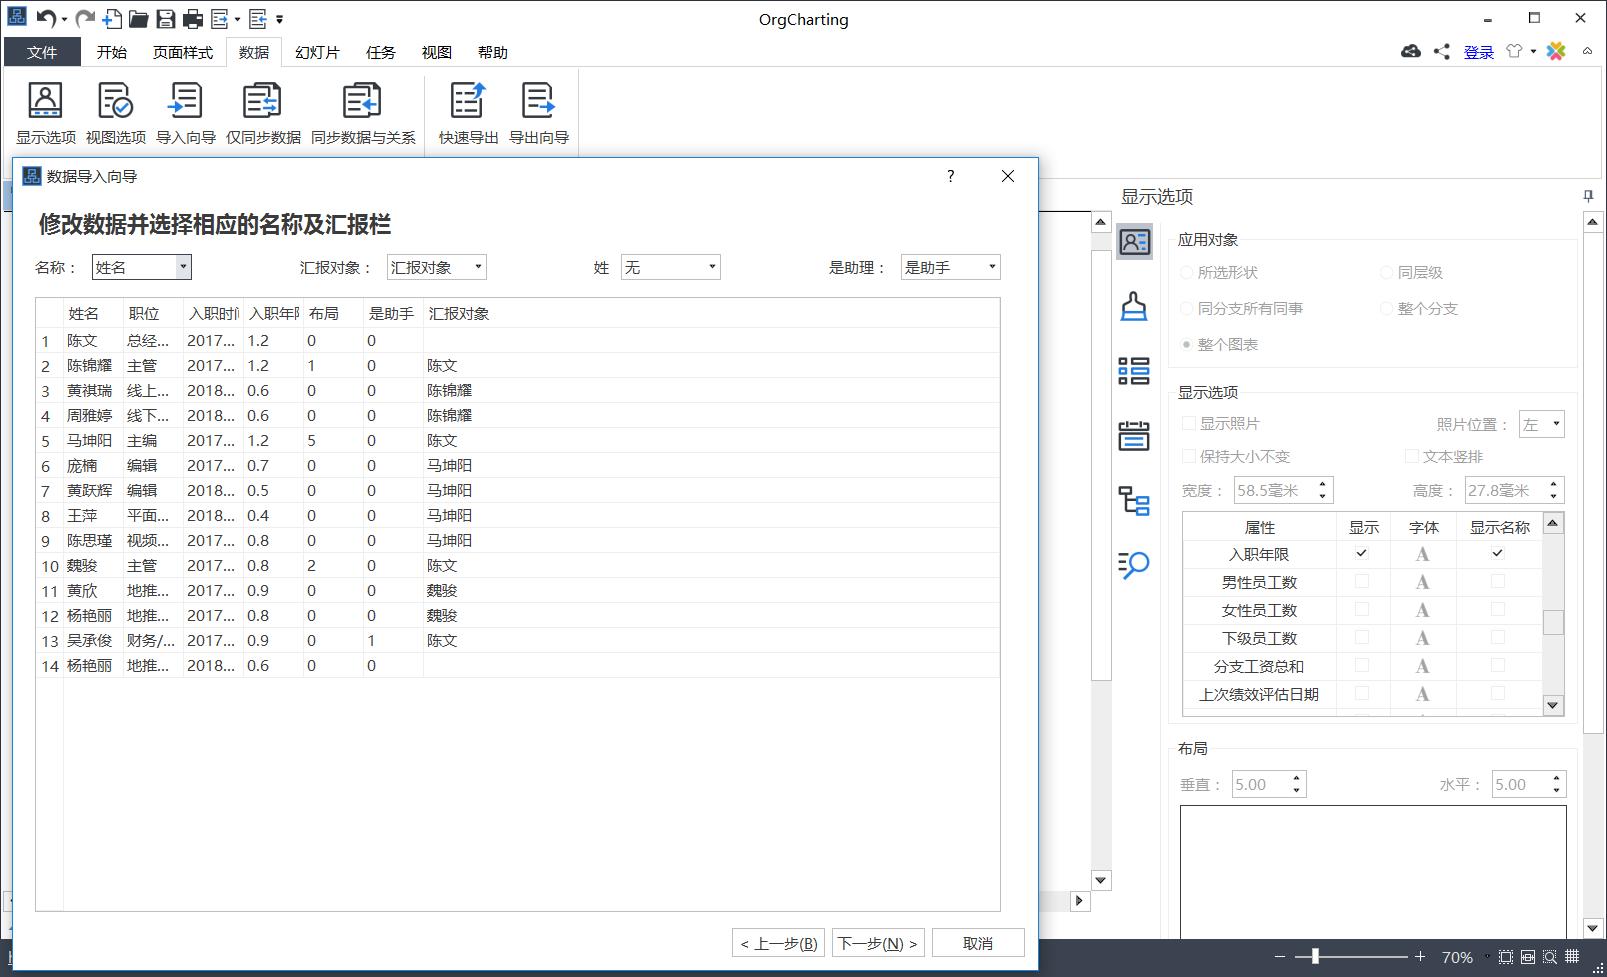 组织架构图数据导入